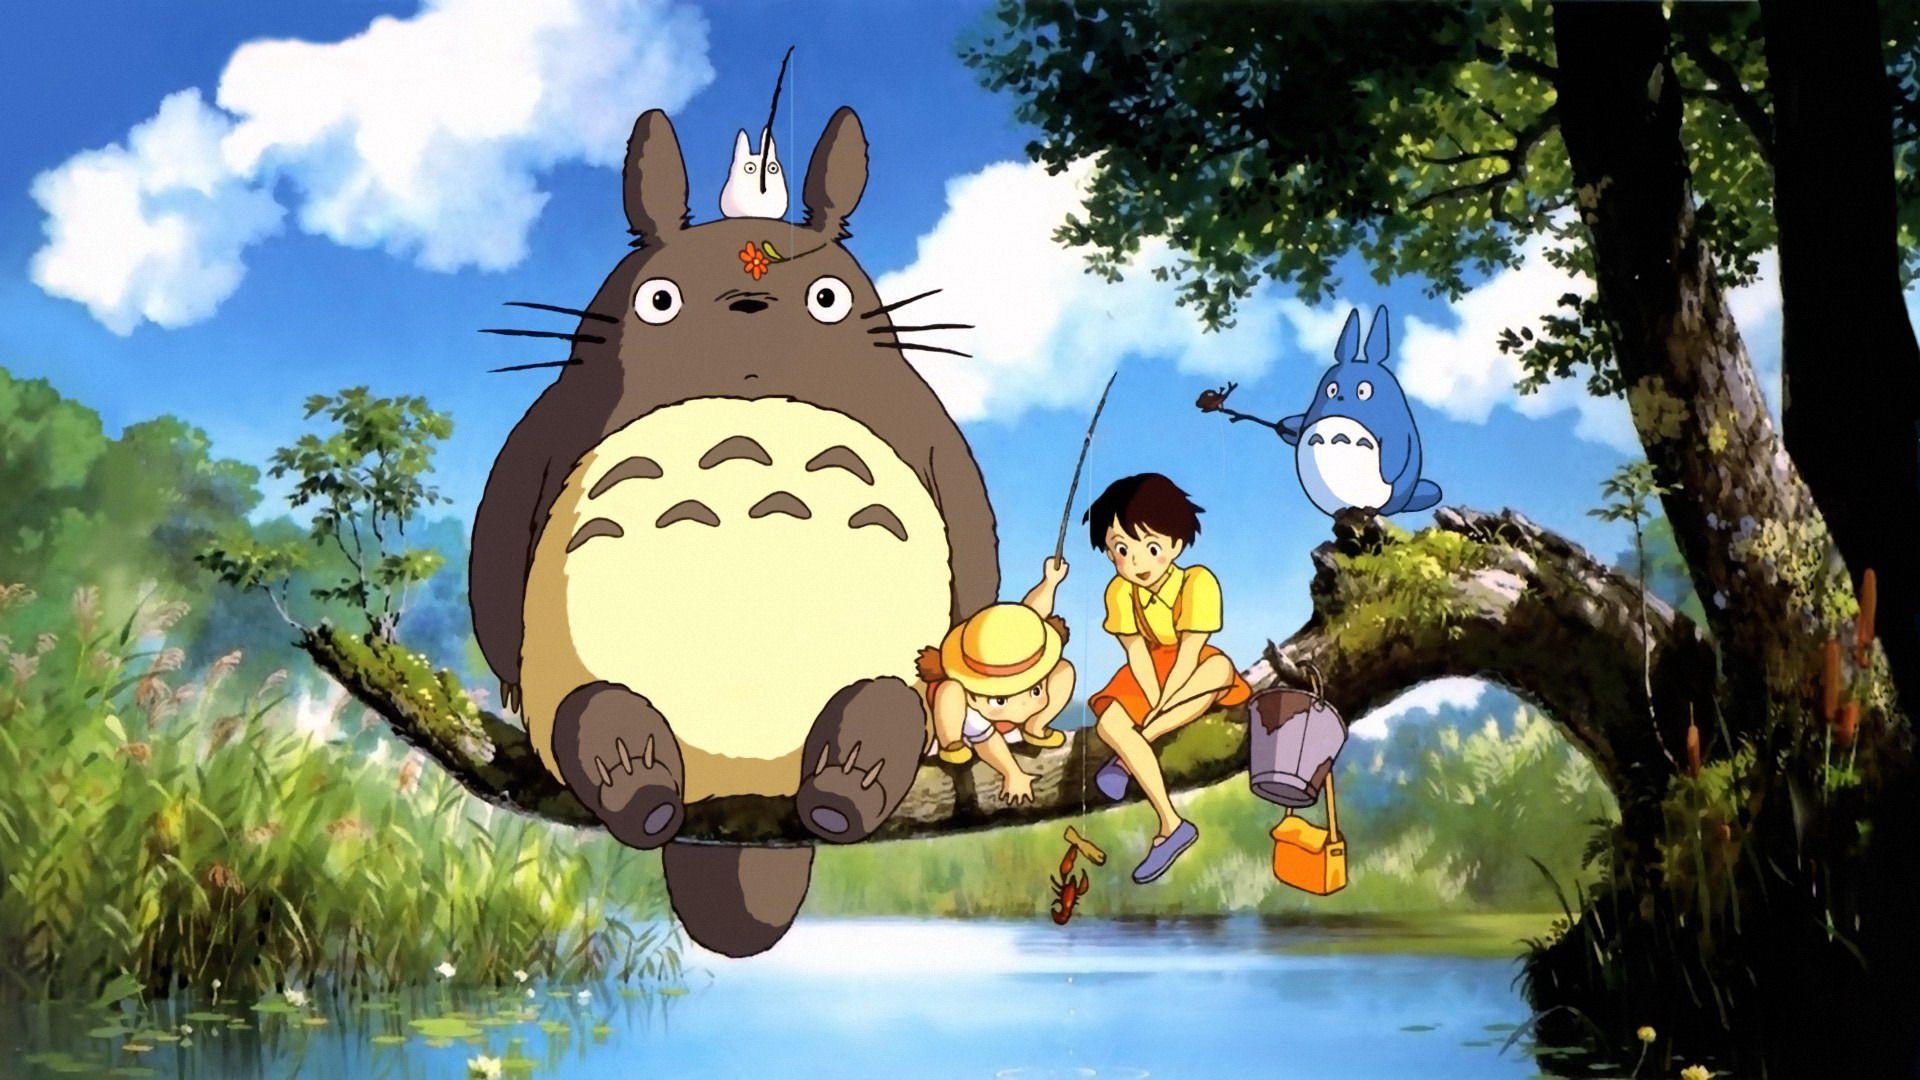 L'histoire de Mon Voisin Totoro-une source de tatouages originaux